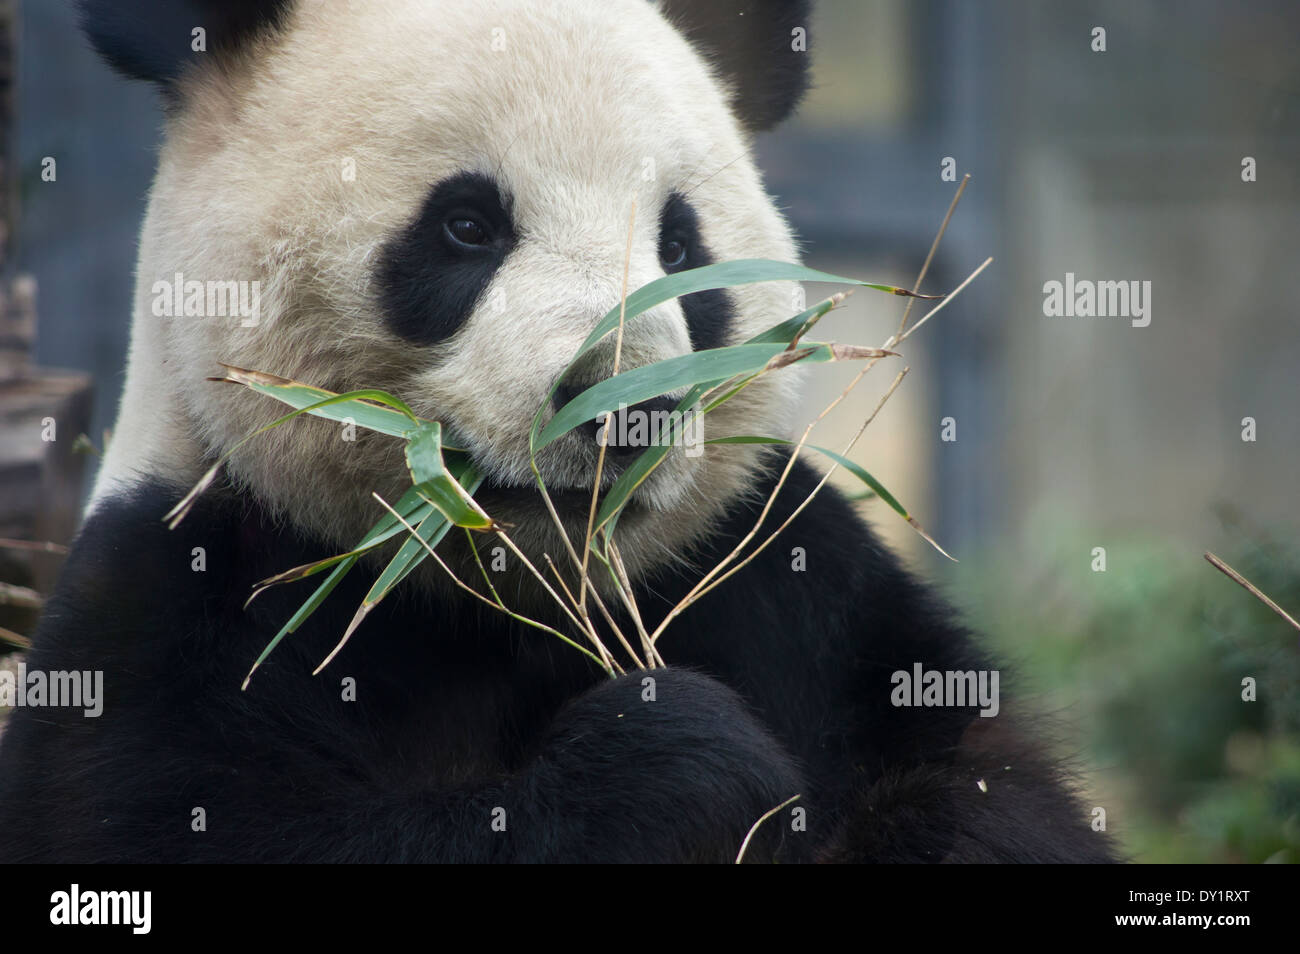 Panda Bear  eating bamboo at Ueno Zoo, Tokyo, Japan - Stock Image